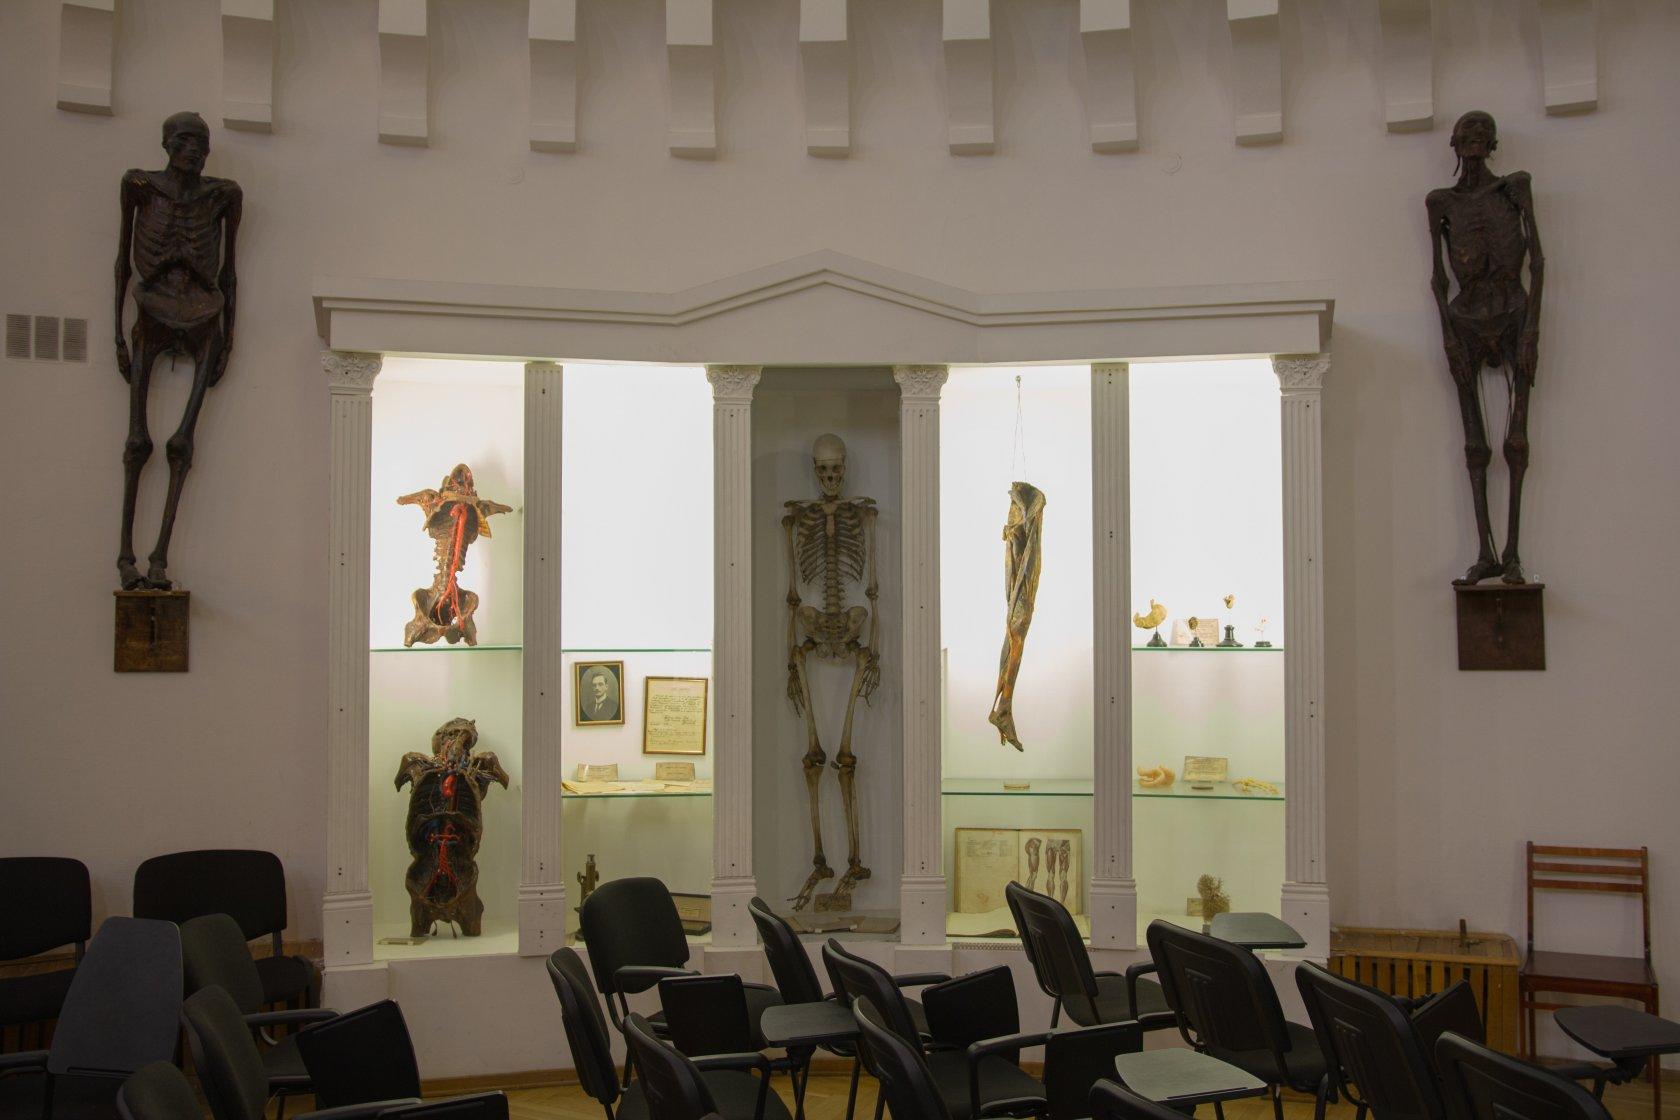 казань анатомический музей театр фото семье достатка любви